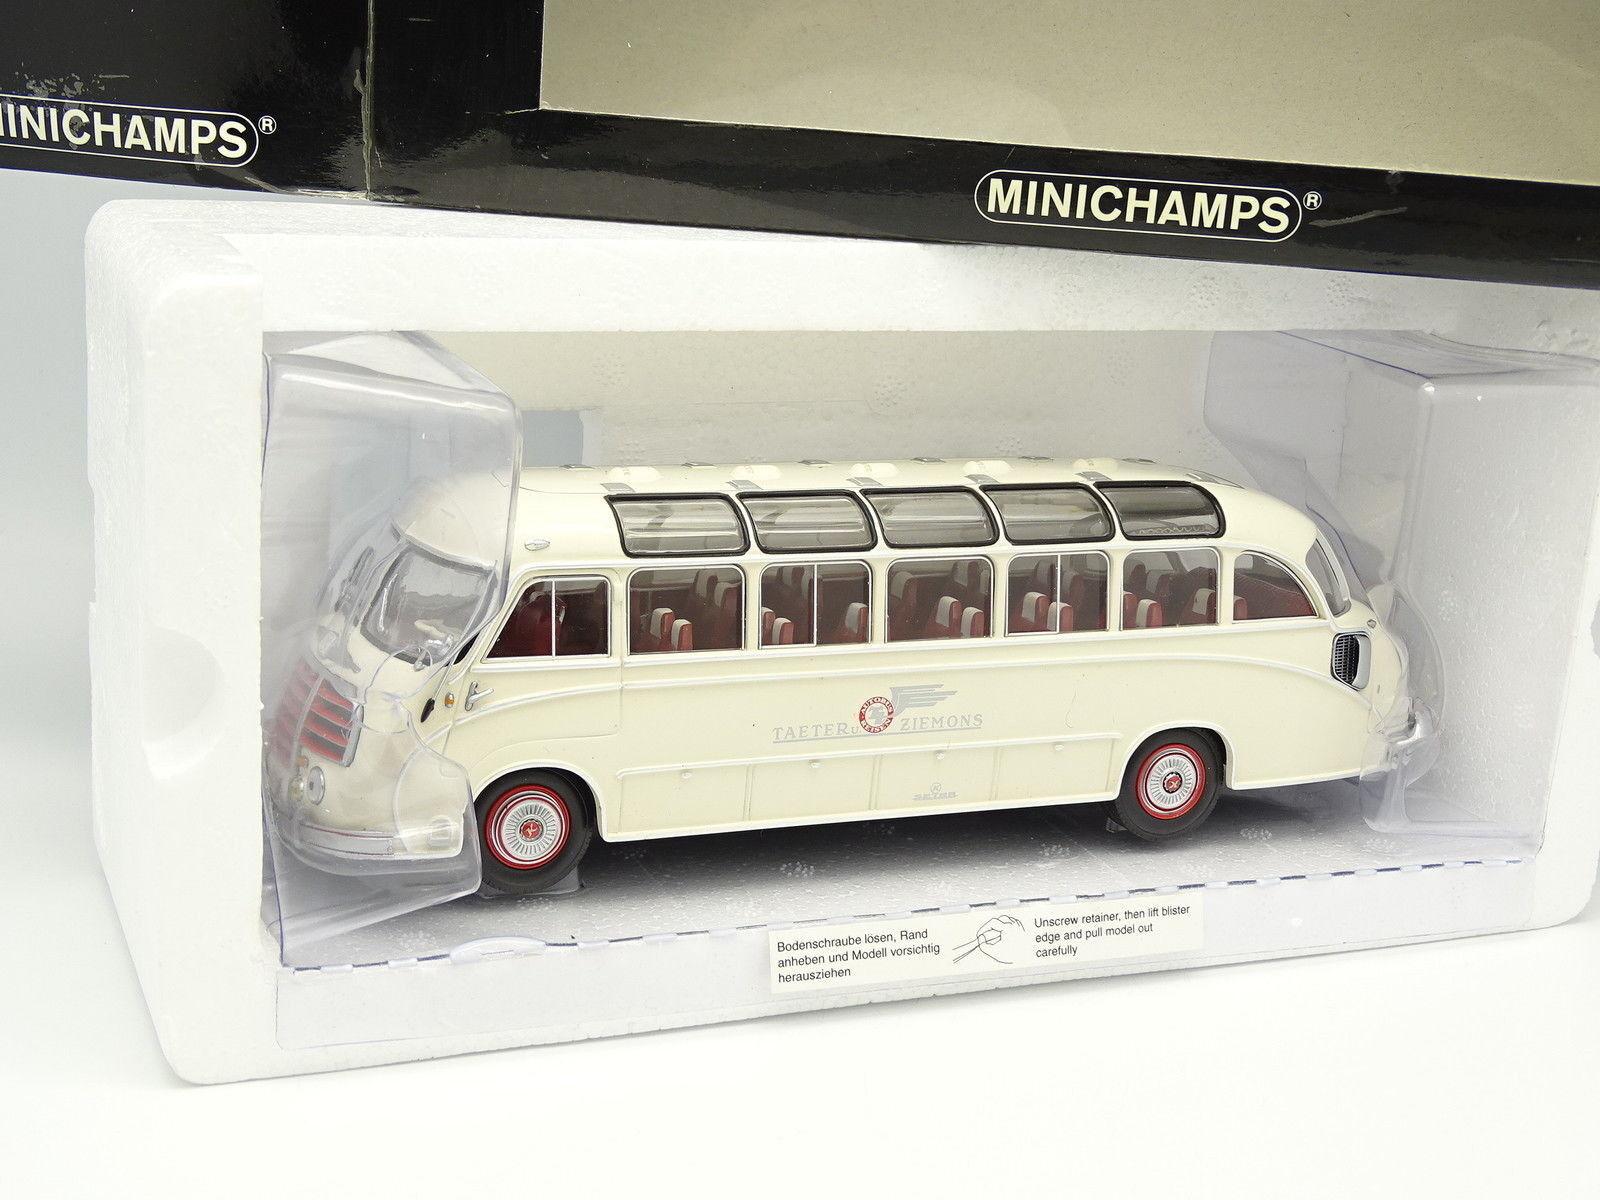 Minichamps 1 43 - AutoBus setra s8 taeter und ziemons aachen